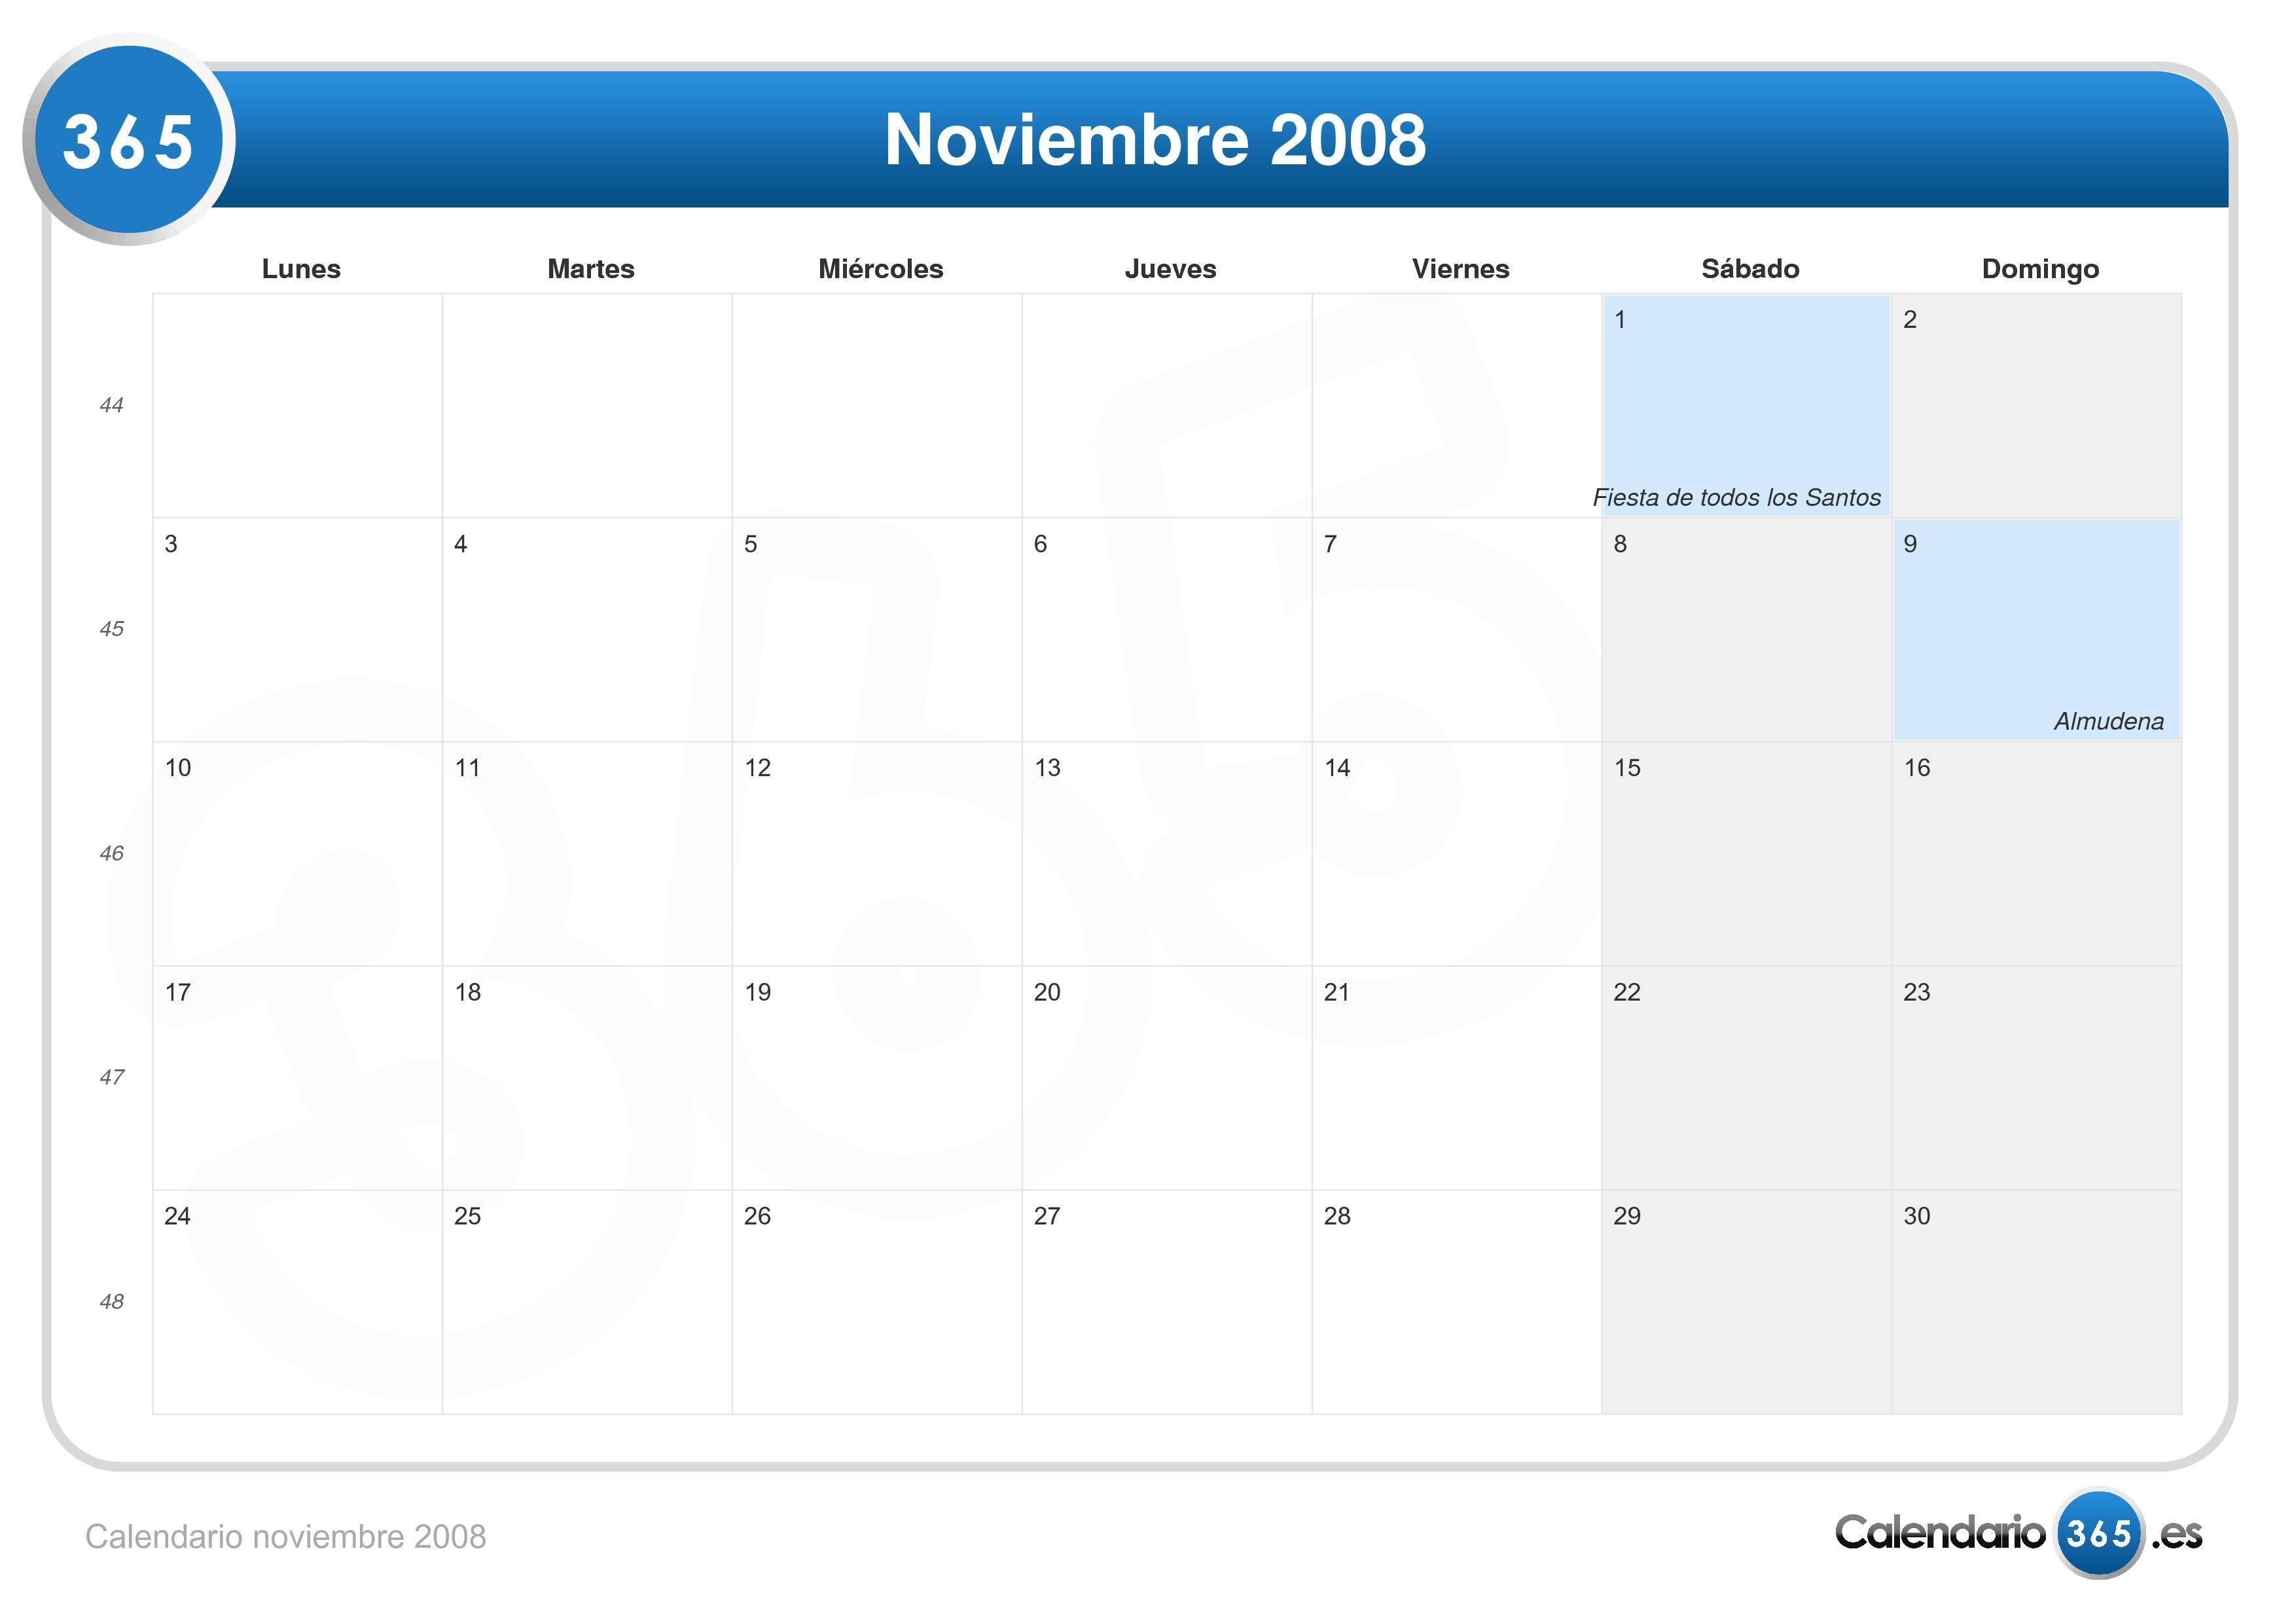 Calendario 2008.Calendario Noviembre 2008